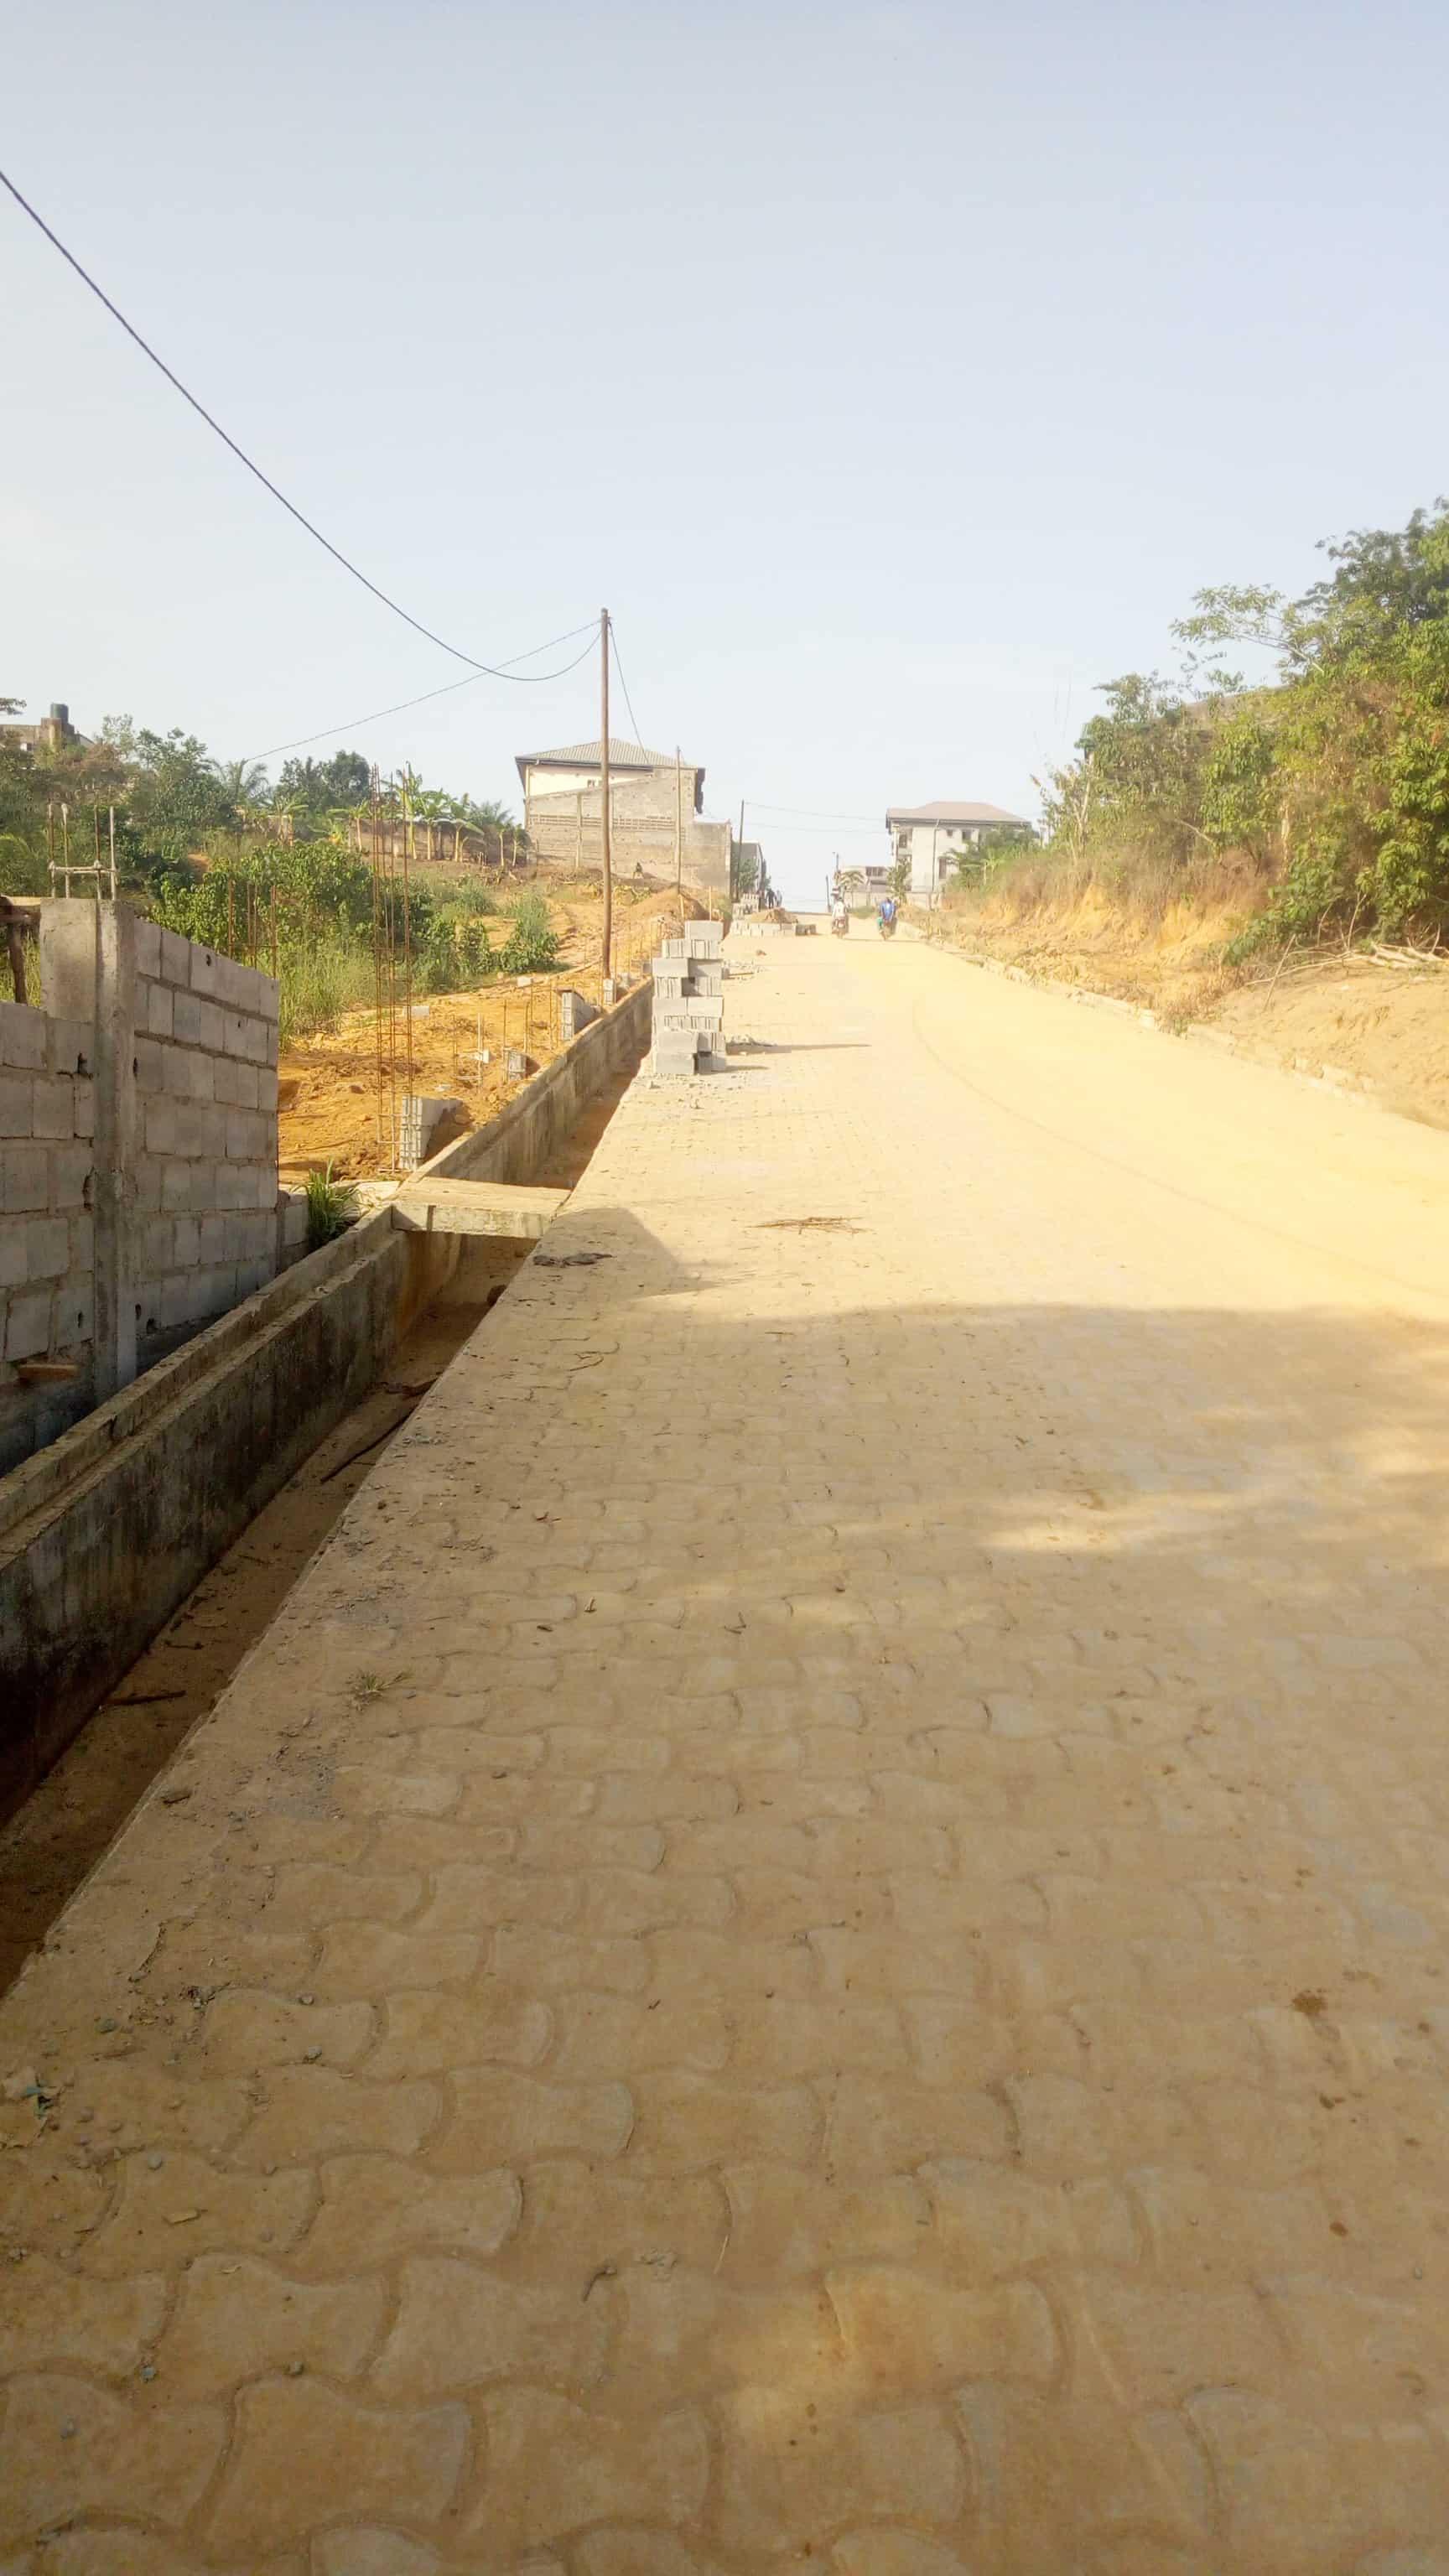 Land for sale at Douala, PK 19, Dans le quartier, - 1000 m2 - 70 000 000 FCFA